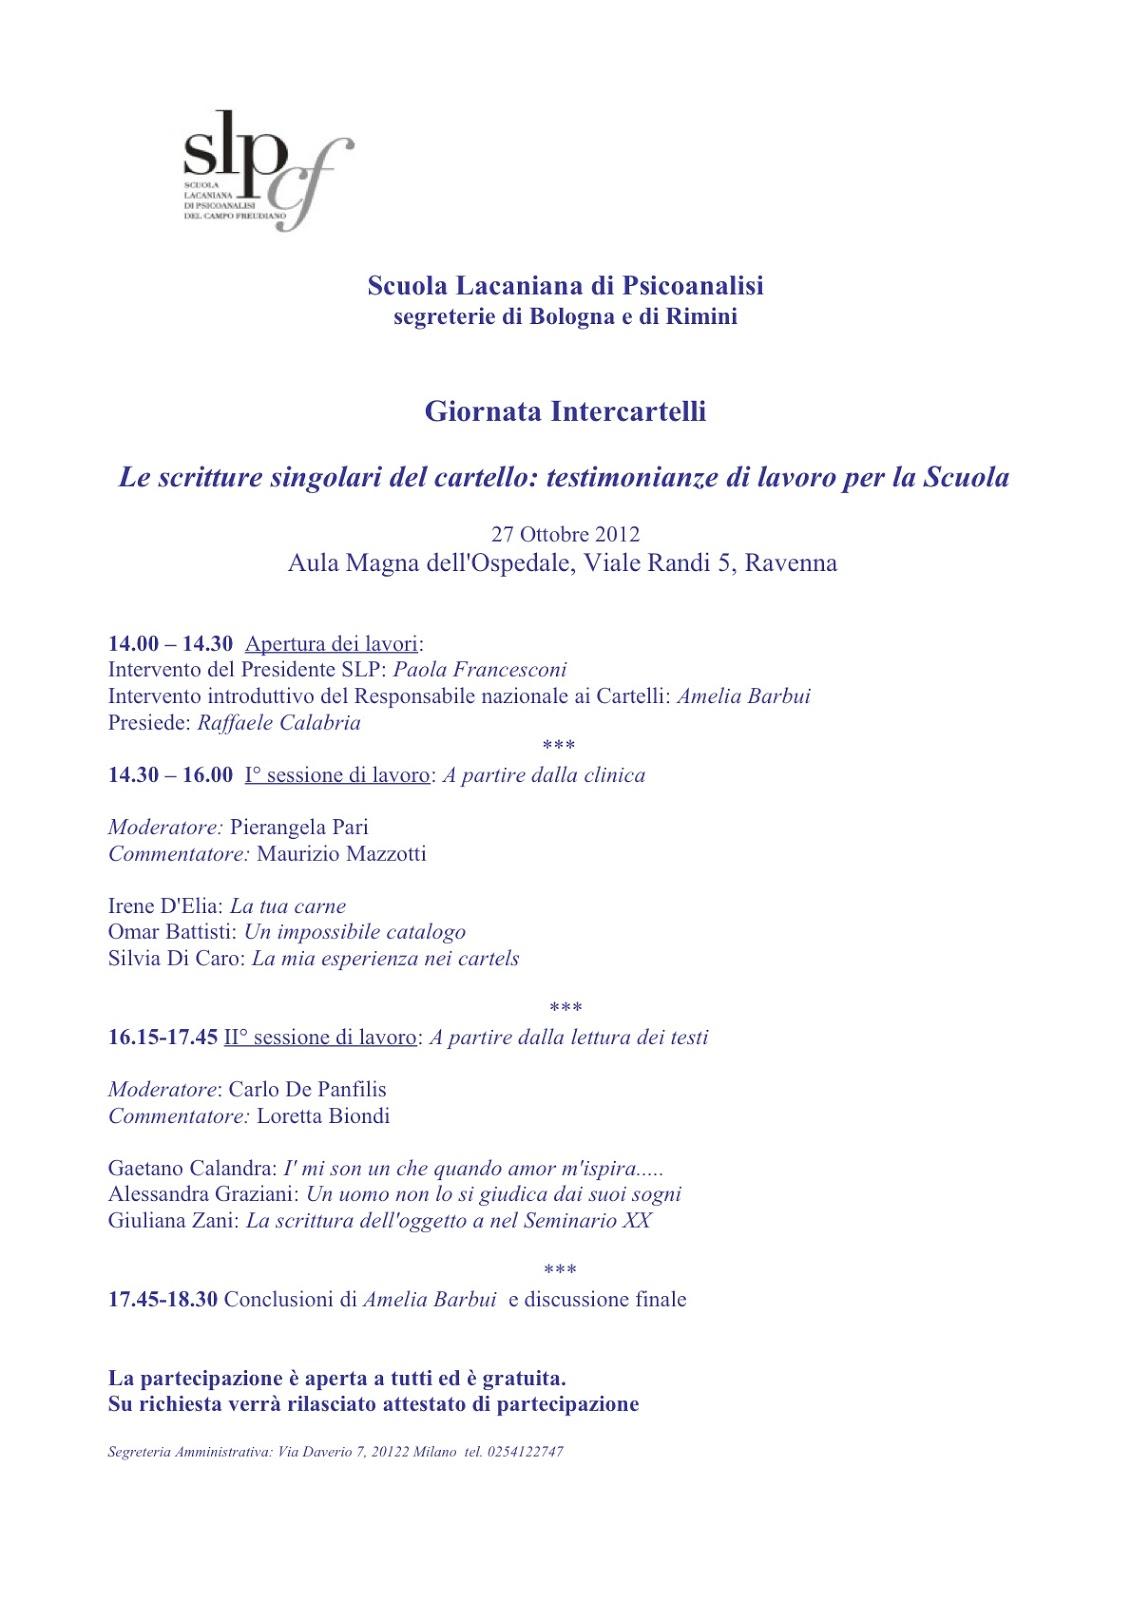 http://1.bp.blogspot.com/-aDNK8NCbjGk/UIJqIOqppcI/AAAAAAAAAkY/rl6RH6tA5PA/s1600/Locandina+Intercartelli+Ravenna+ott+2012.jpg